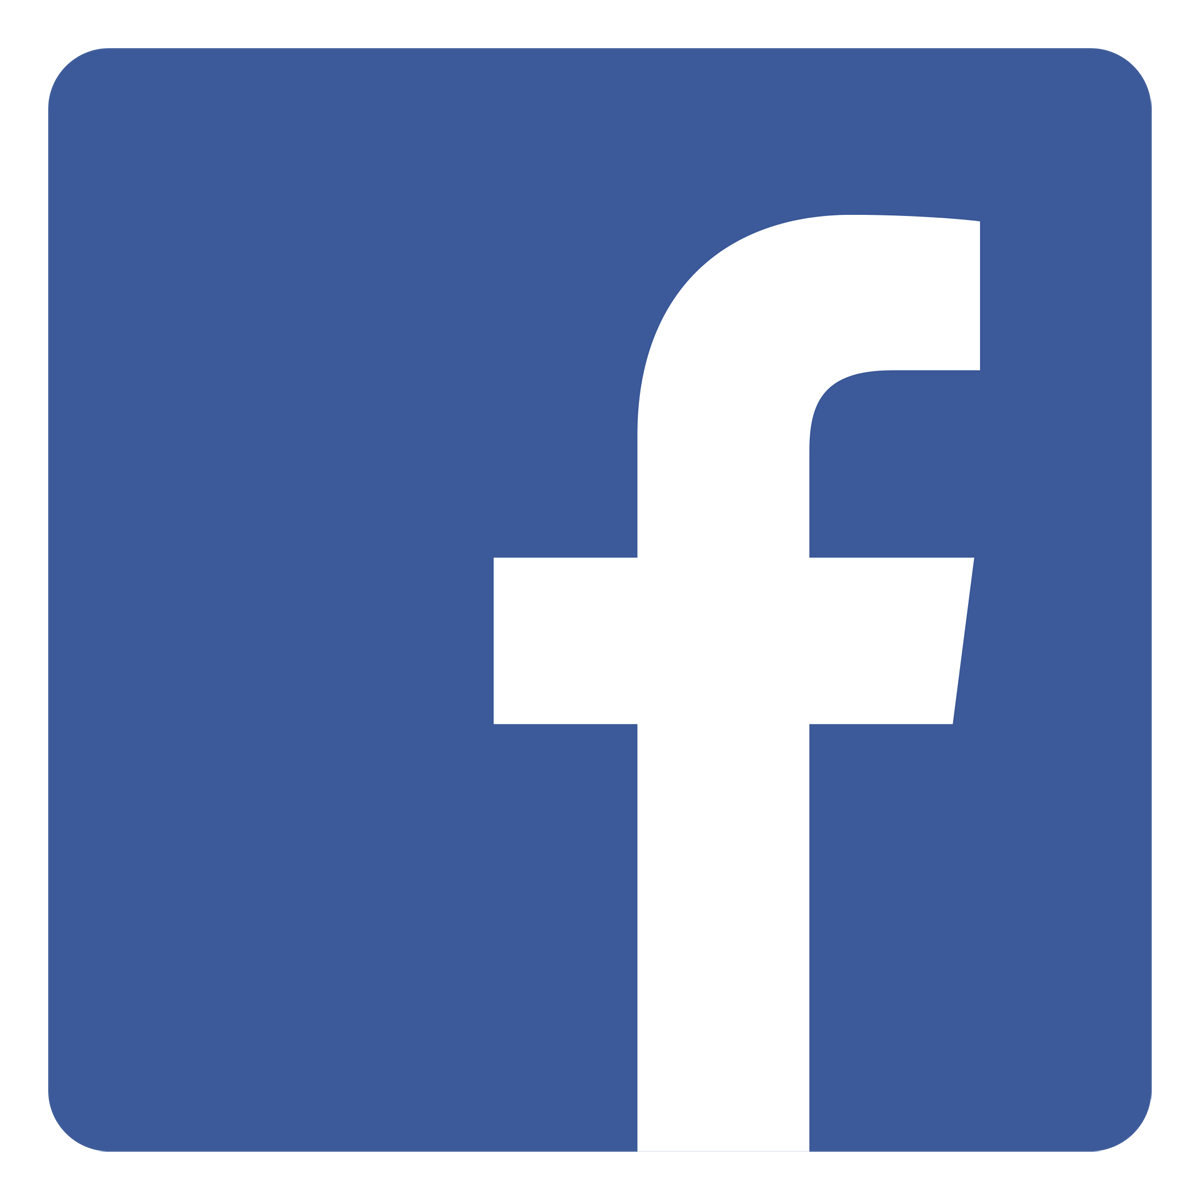 Facebook chce po³±czyæ Messengera, Instagrama i Whatsappa w jeden komunikator